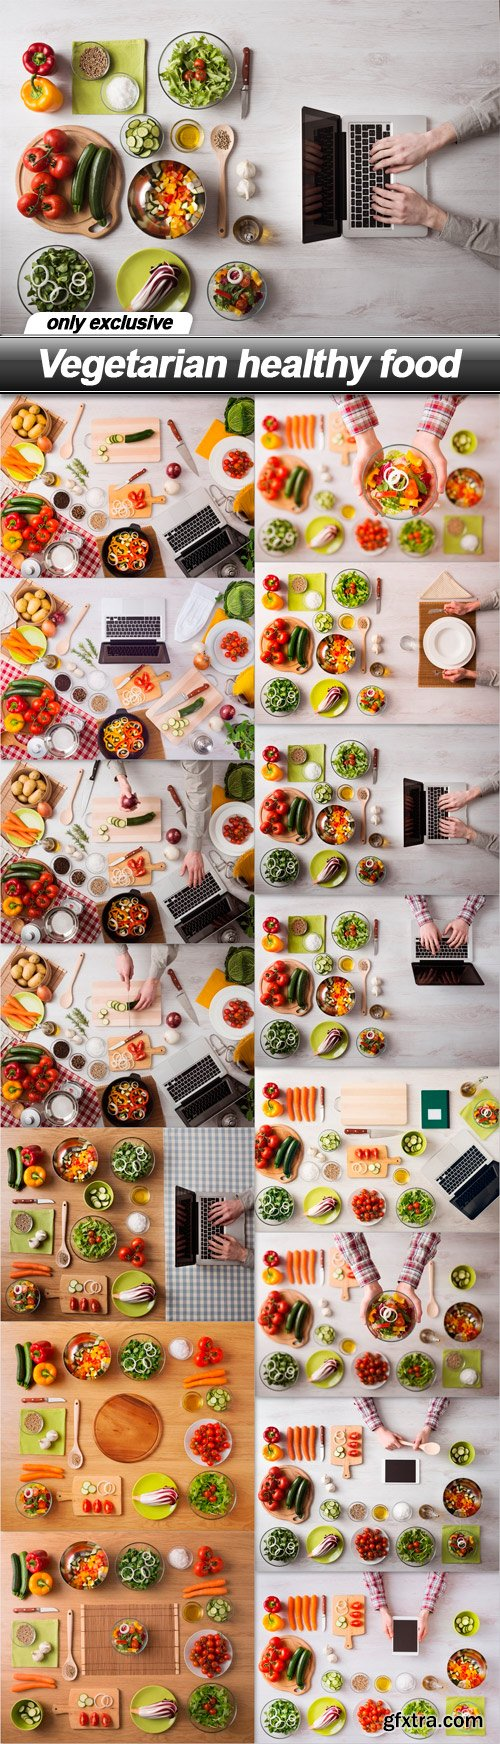 Vegetarian healthy food - 15 UHQ JPEG